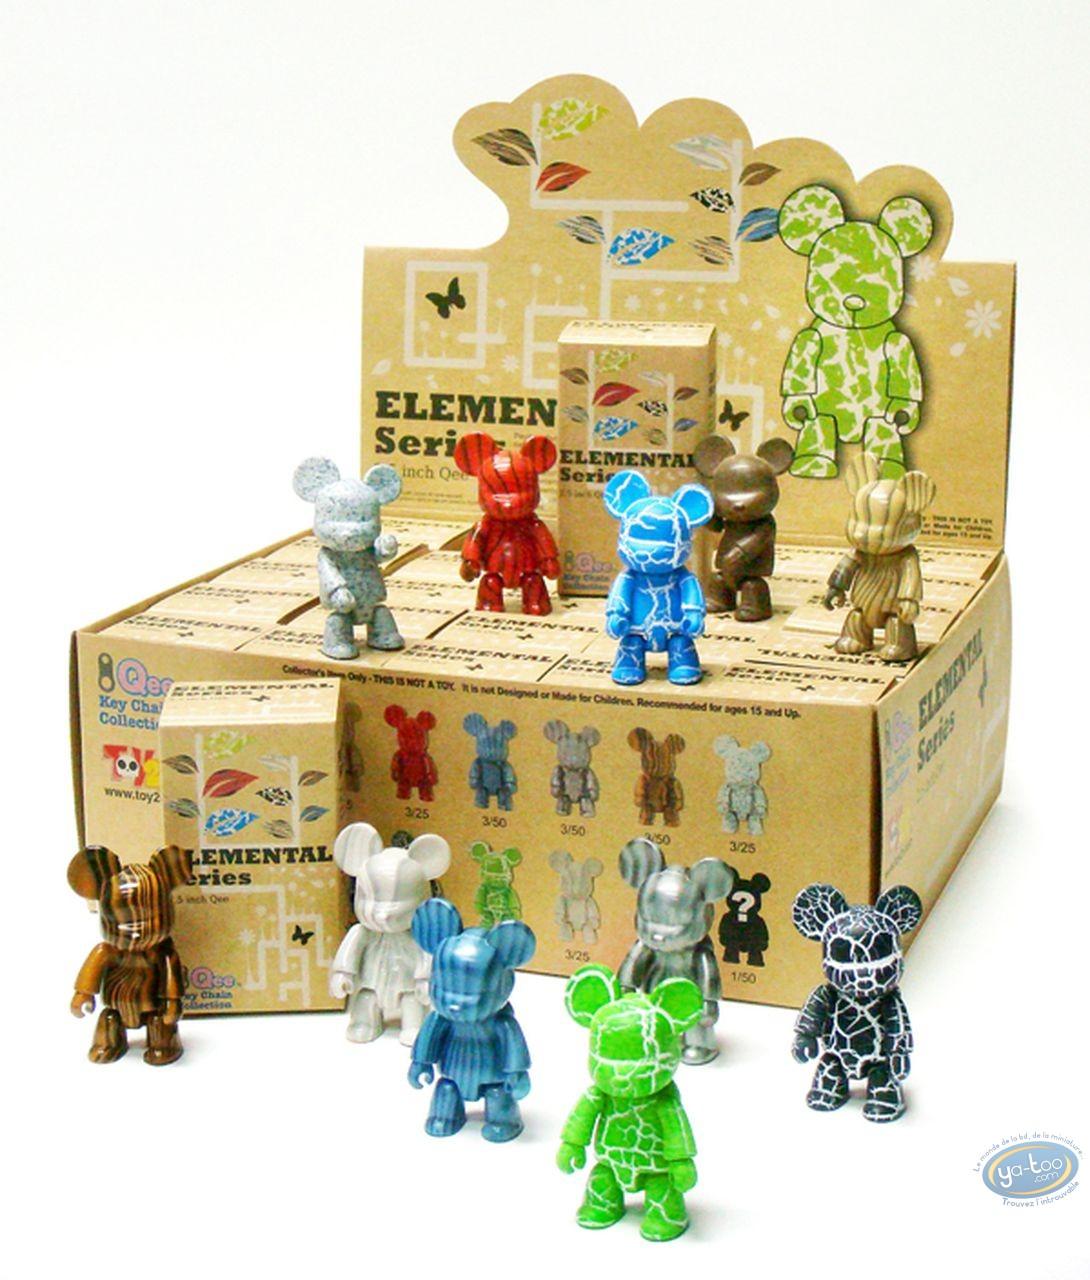 Porte-clé, Quee : Qee DIY Elementals 2,5 inch (12 modèles différents), Artoyz